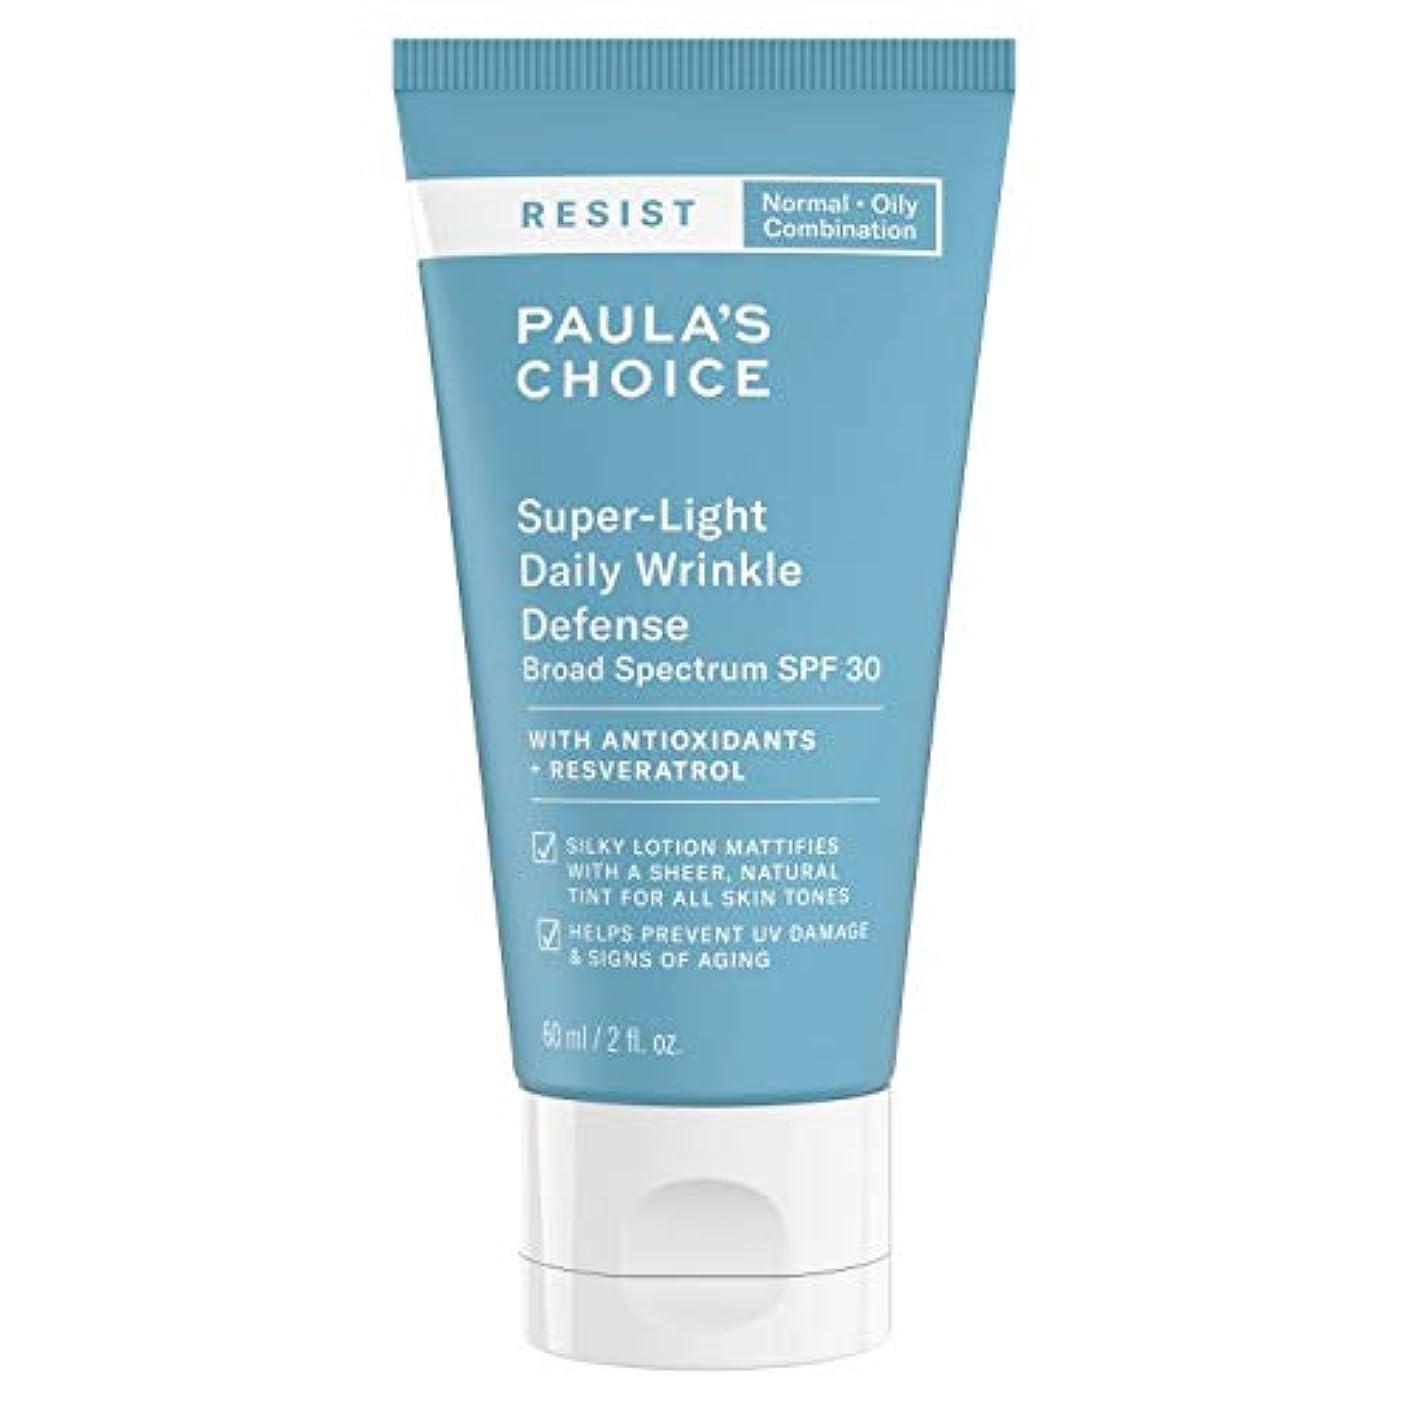 運動馬鹿げた雄弁家ポーラチョイス レジスト スーパーライト 毎日のしわの防衛 サンスクリーン (60ml) SPF30 / Paula's Choice Resist Super-Light Daily Wrinkle Defense Sunscreen